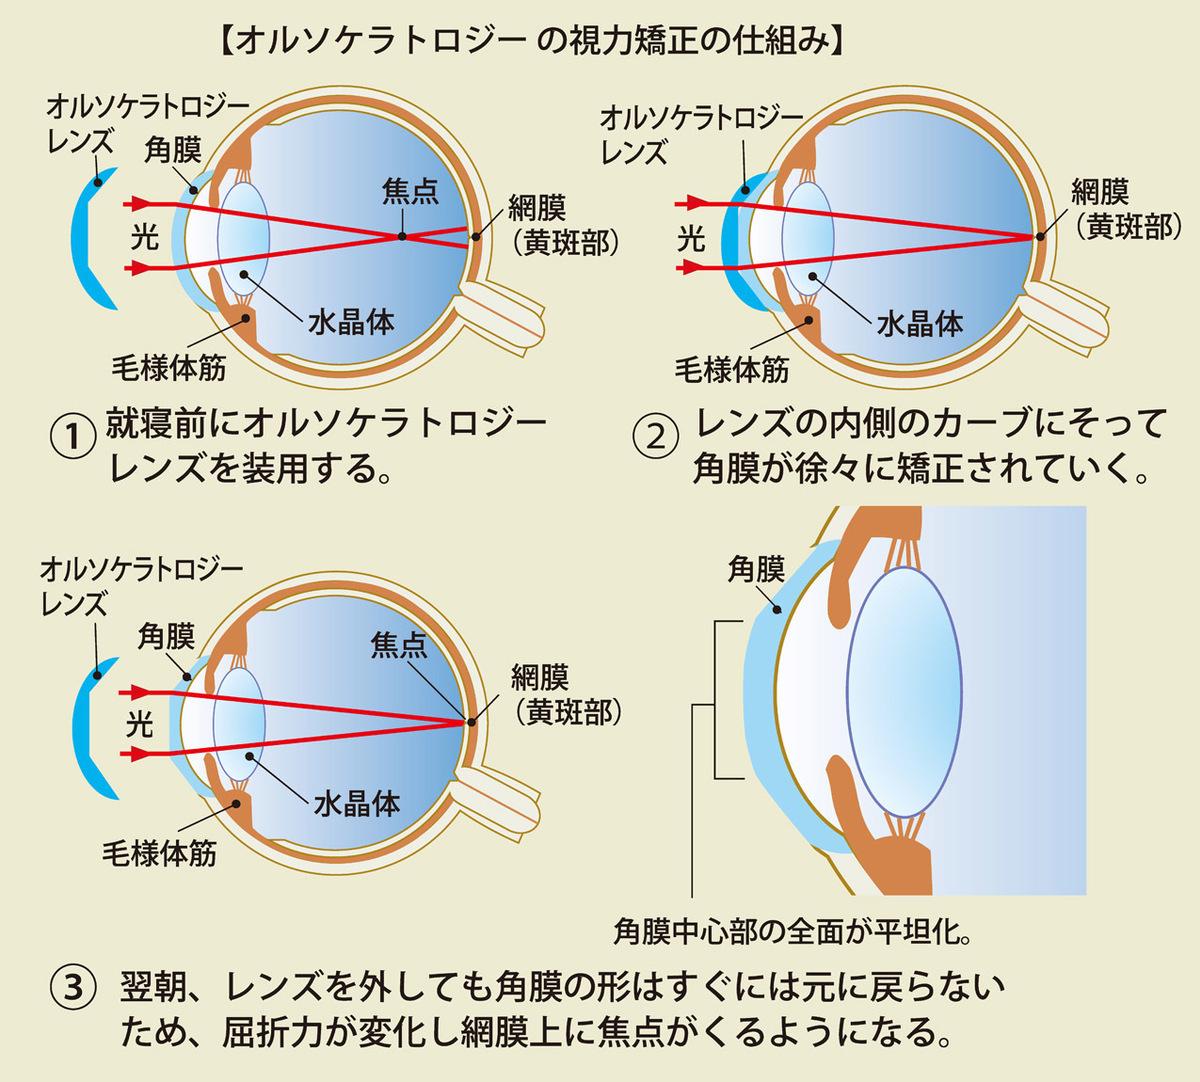 オルソケラトロジーの視力矯正の仕組み